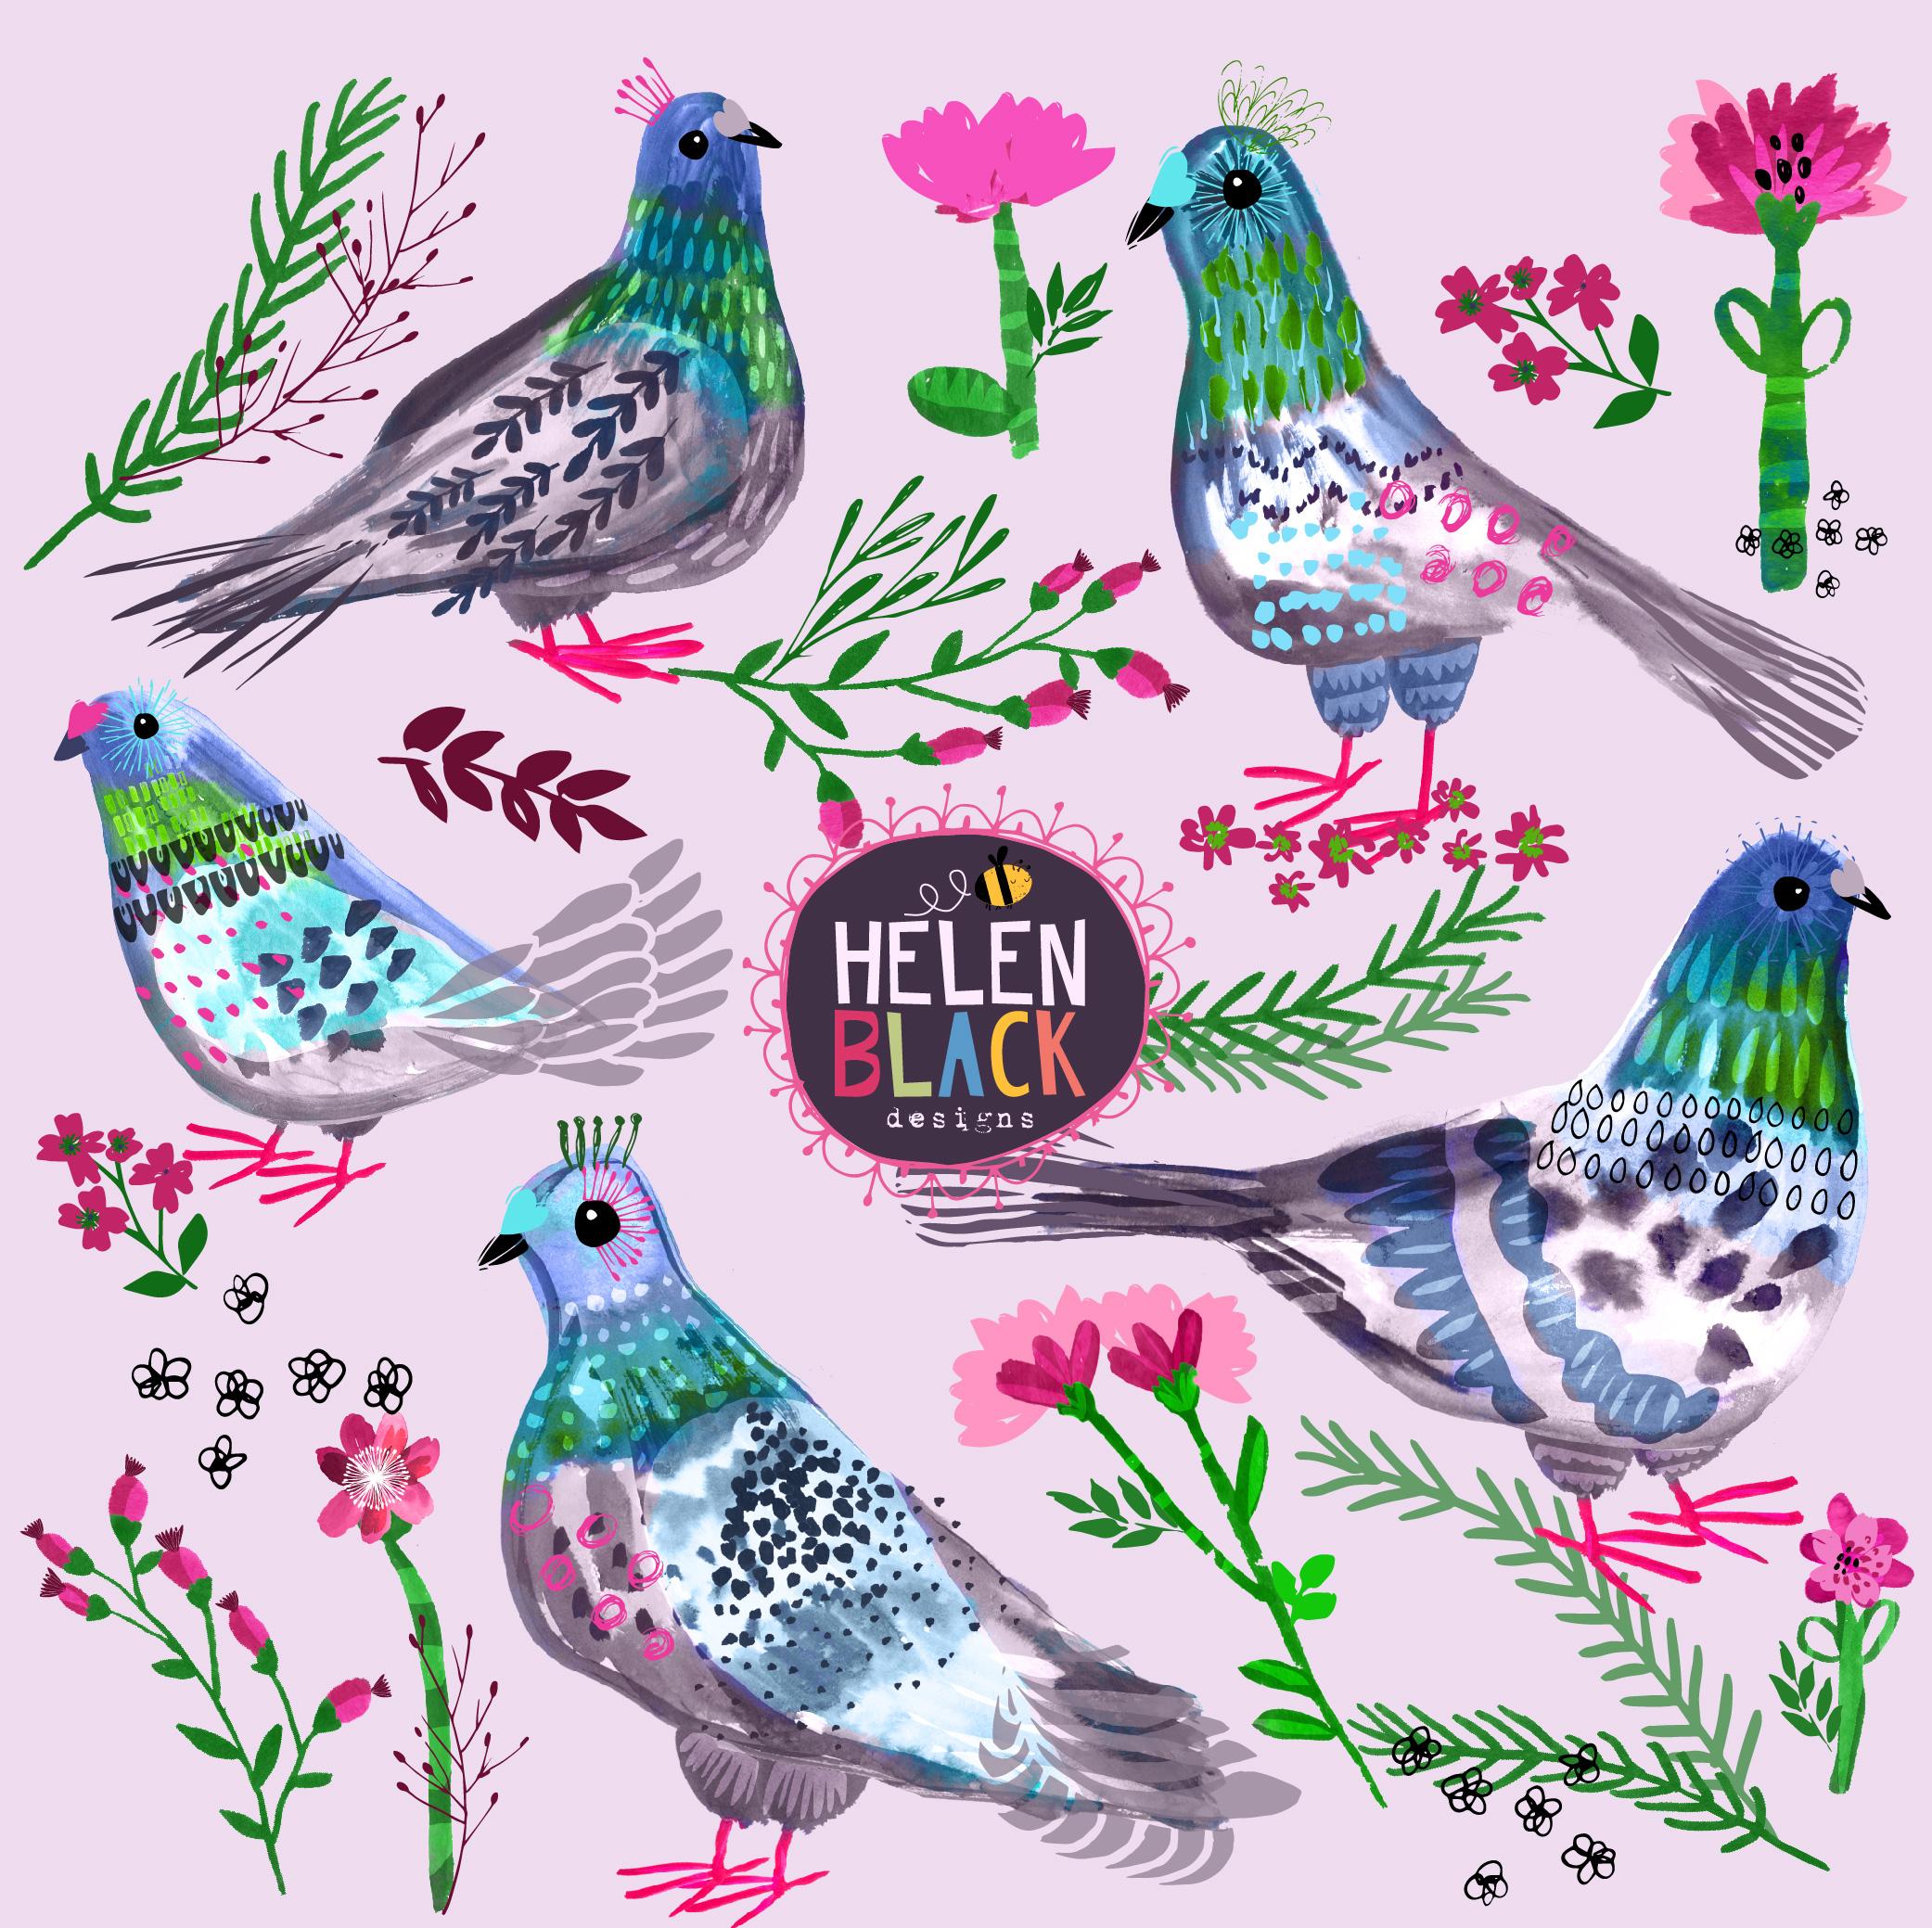 Helen Black 1 pigeons-01.jpg